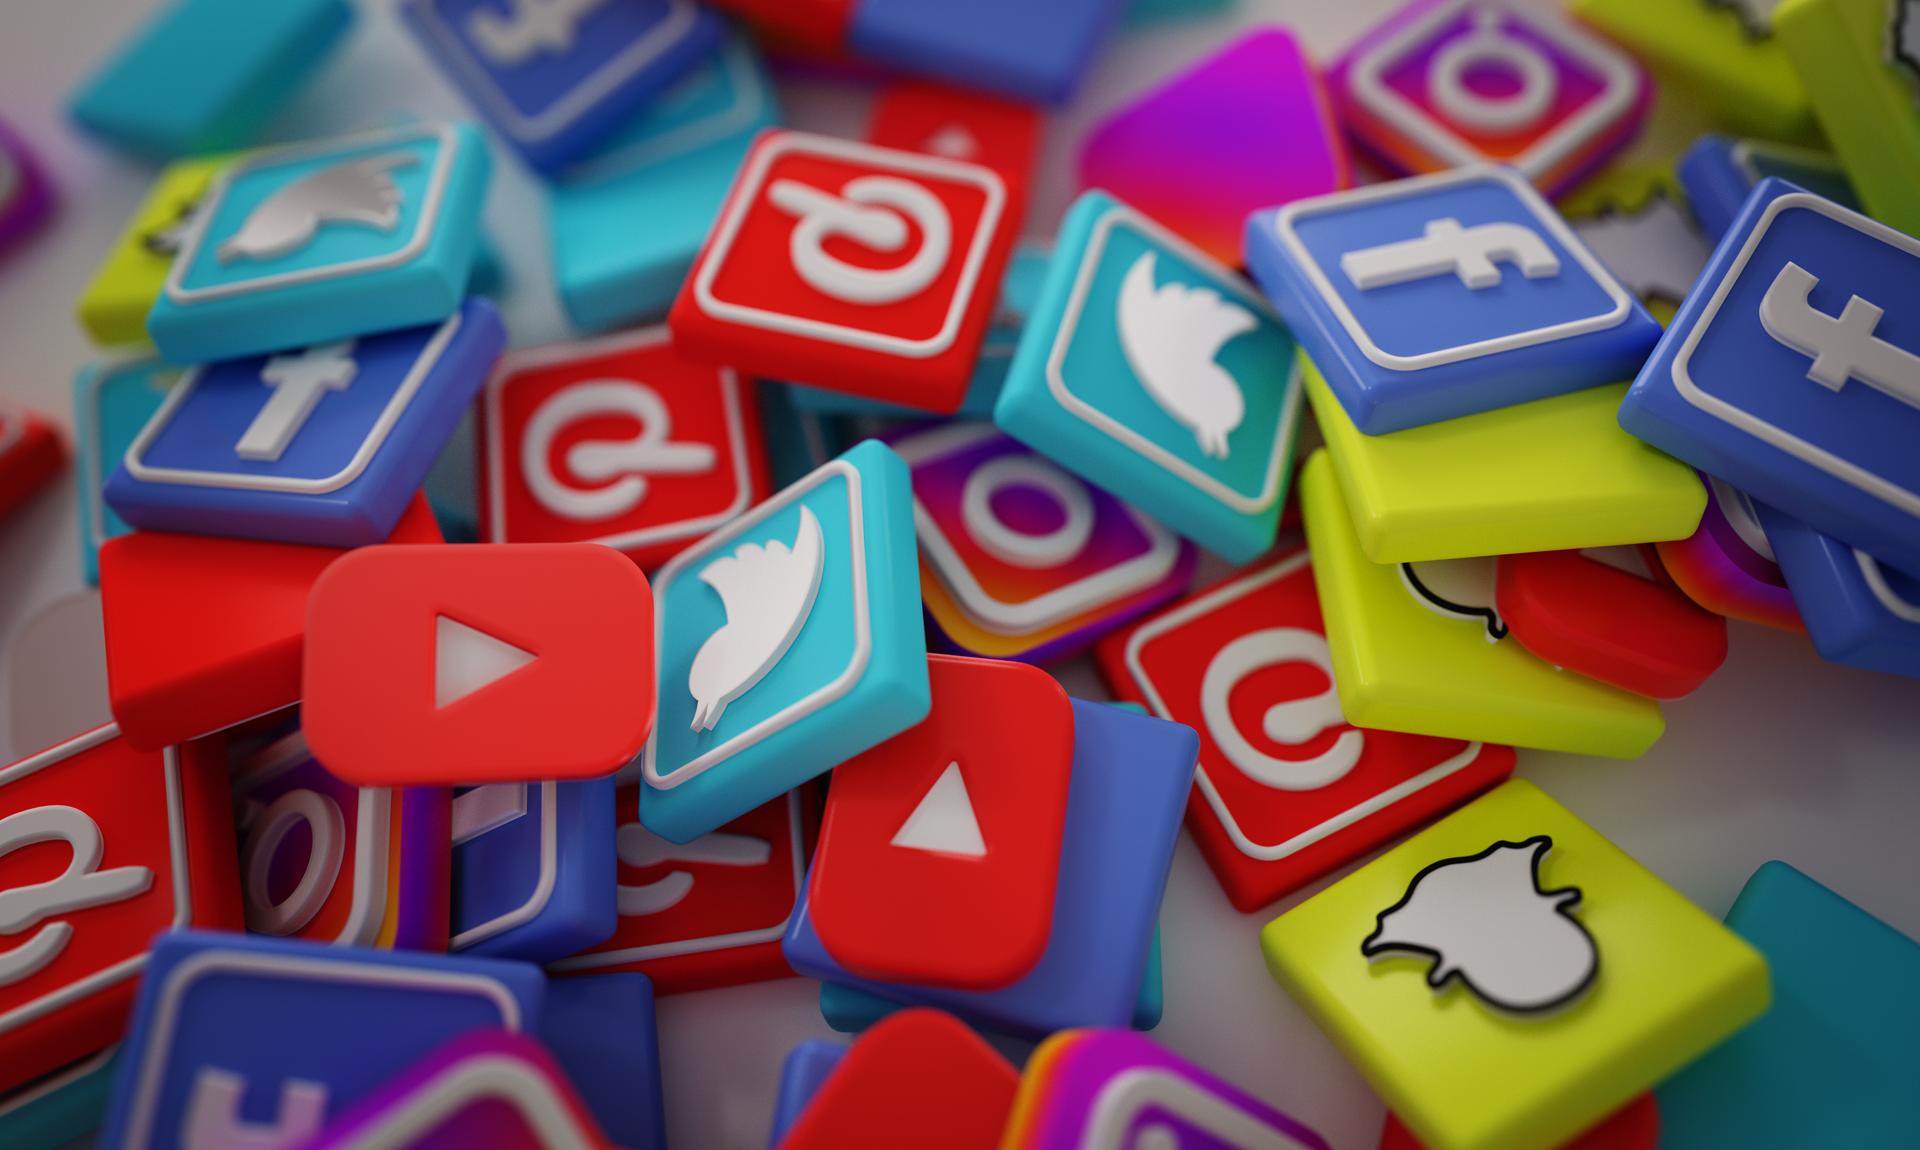 Uso dei social media nel B2B/use of social media in the B2B market